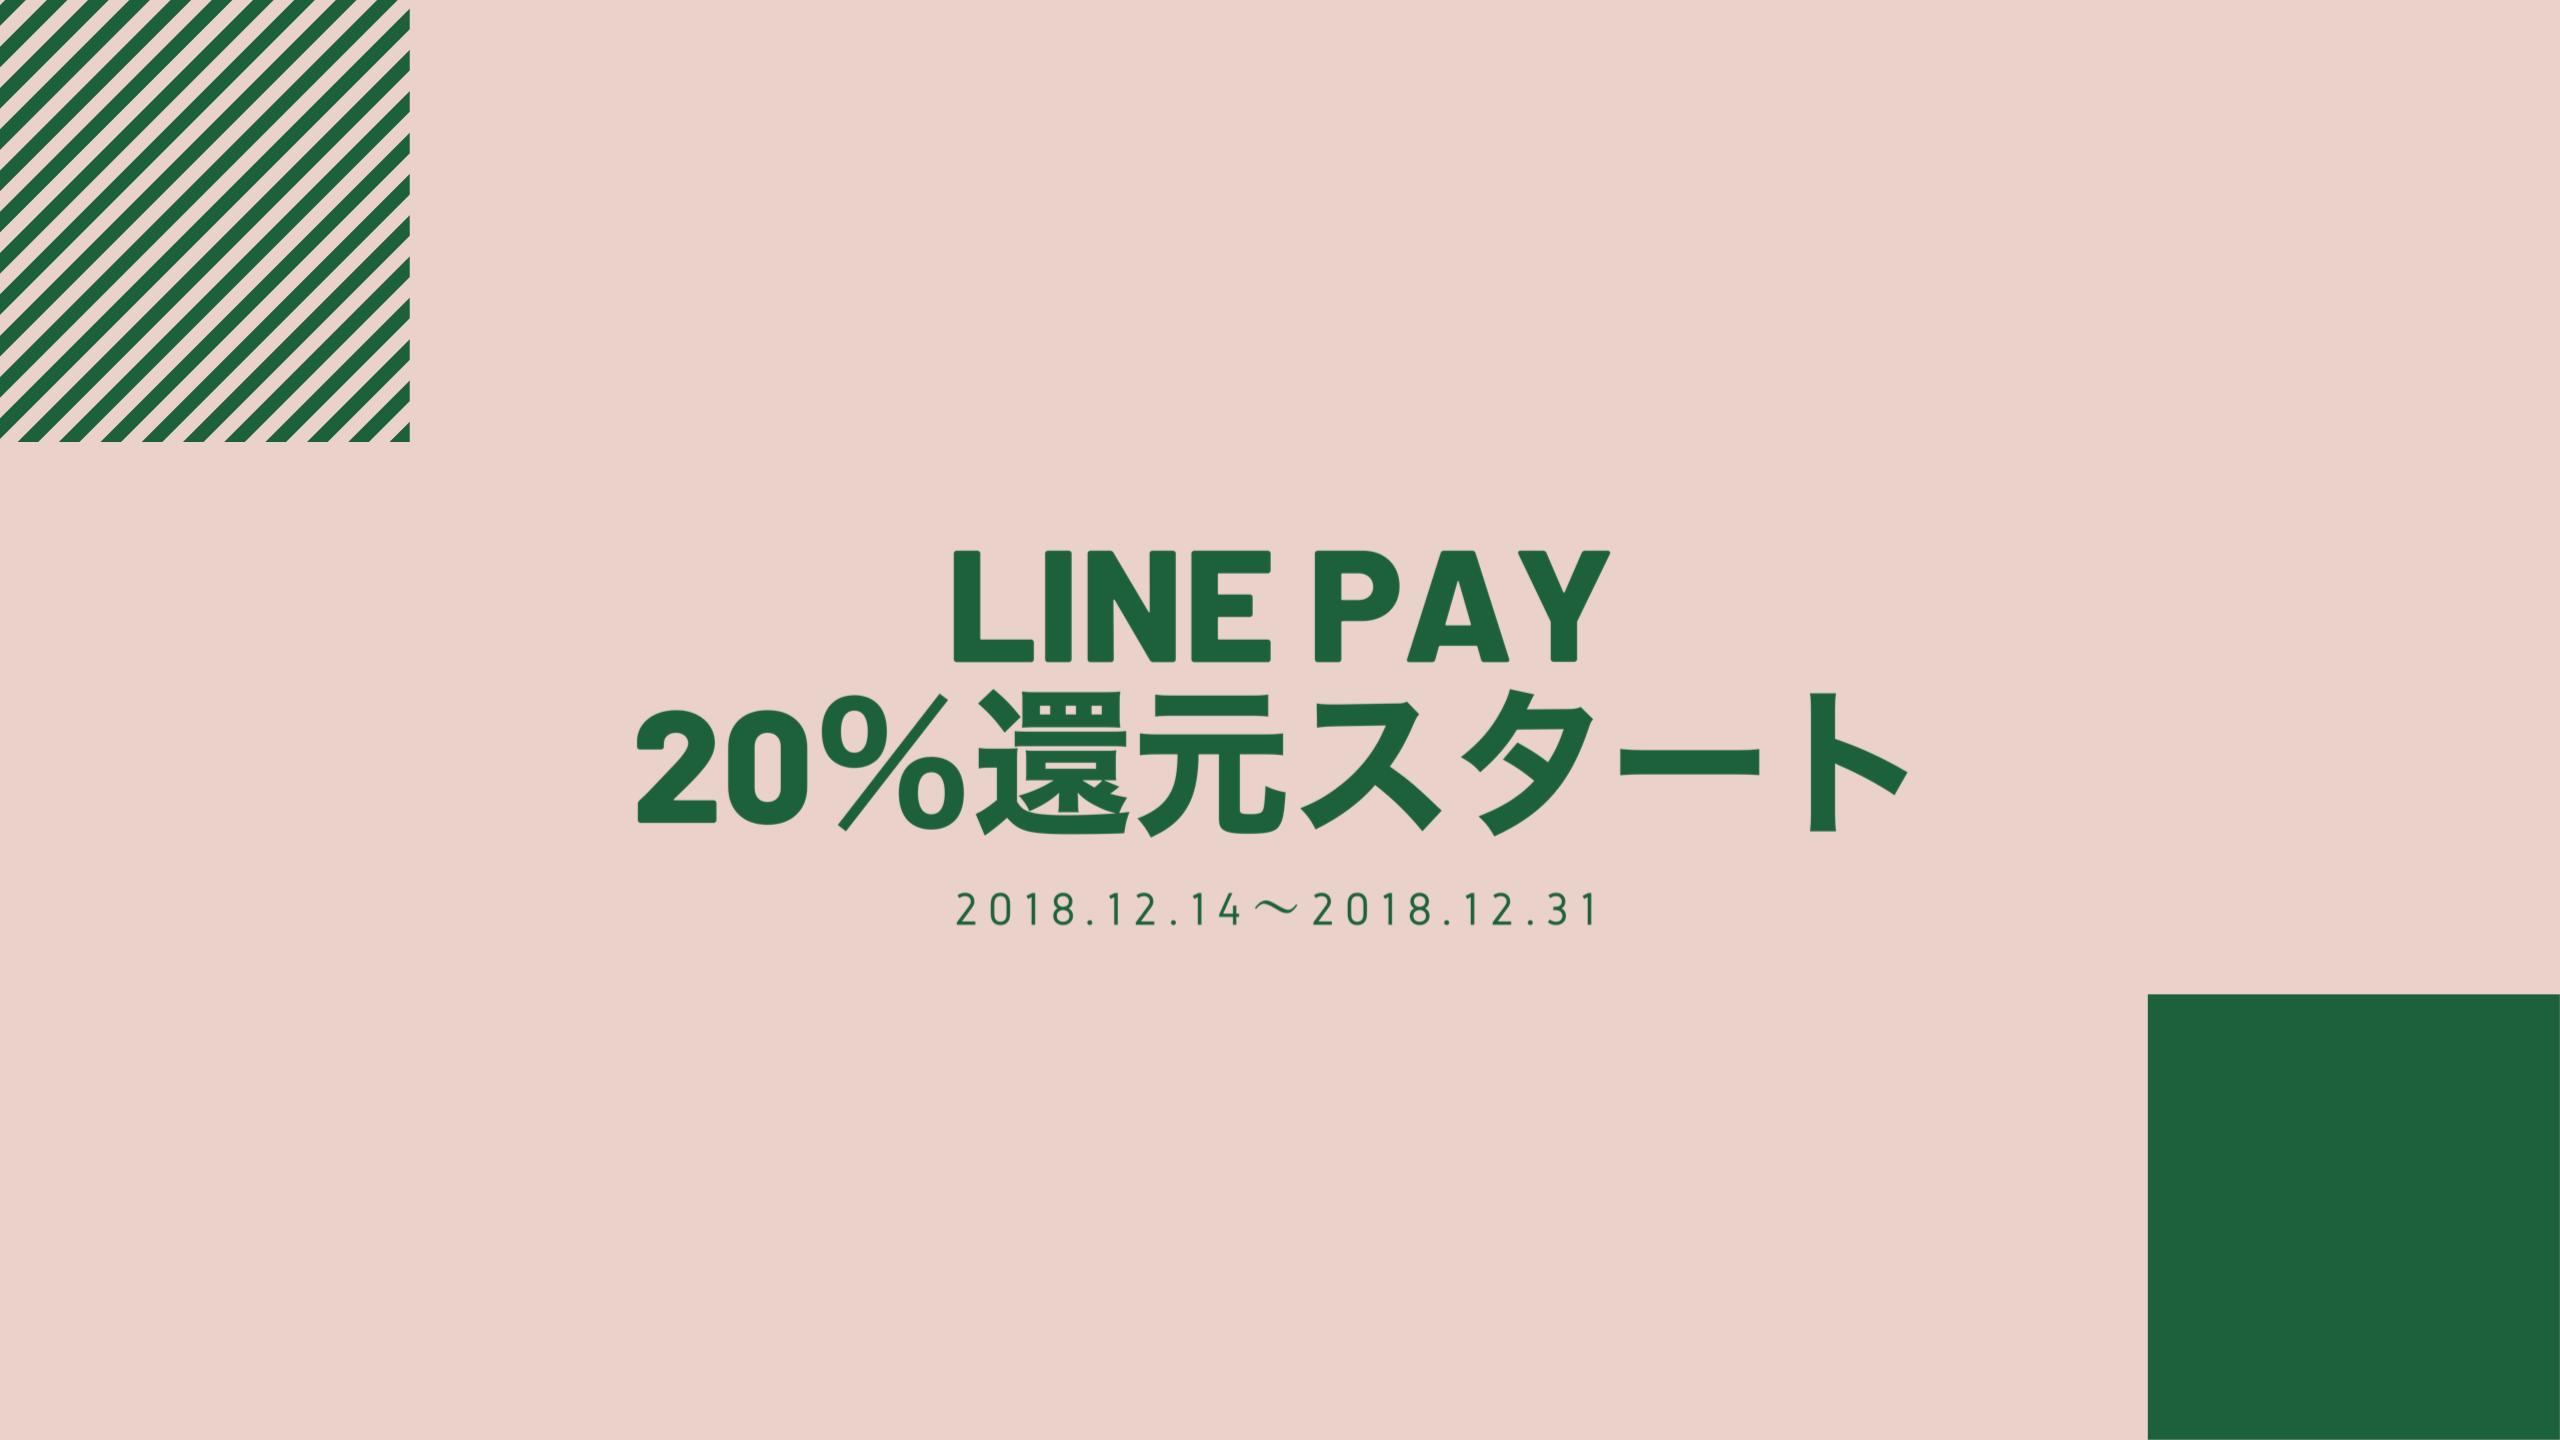 PayPayの次はLINEPayが20%還元!Payトクって何?